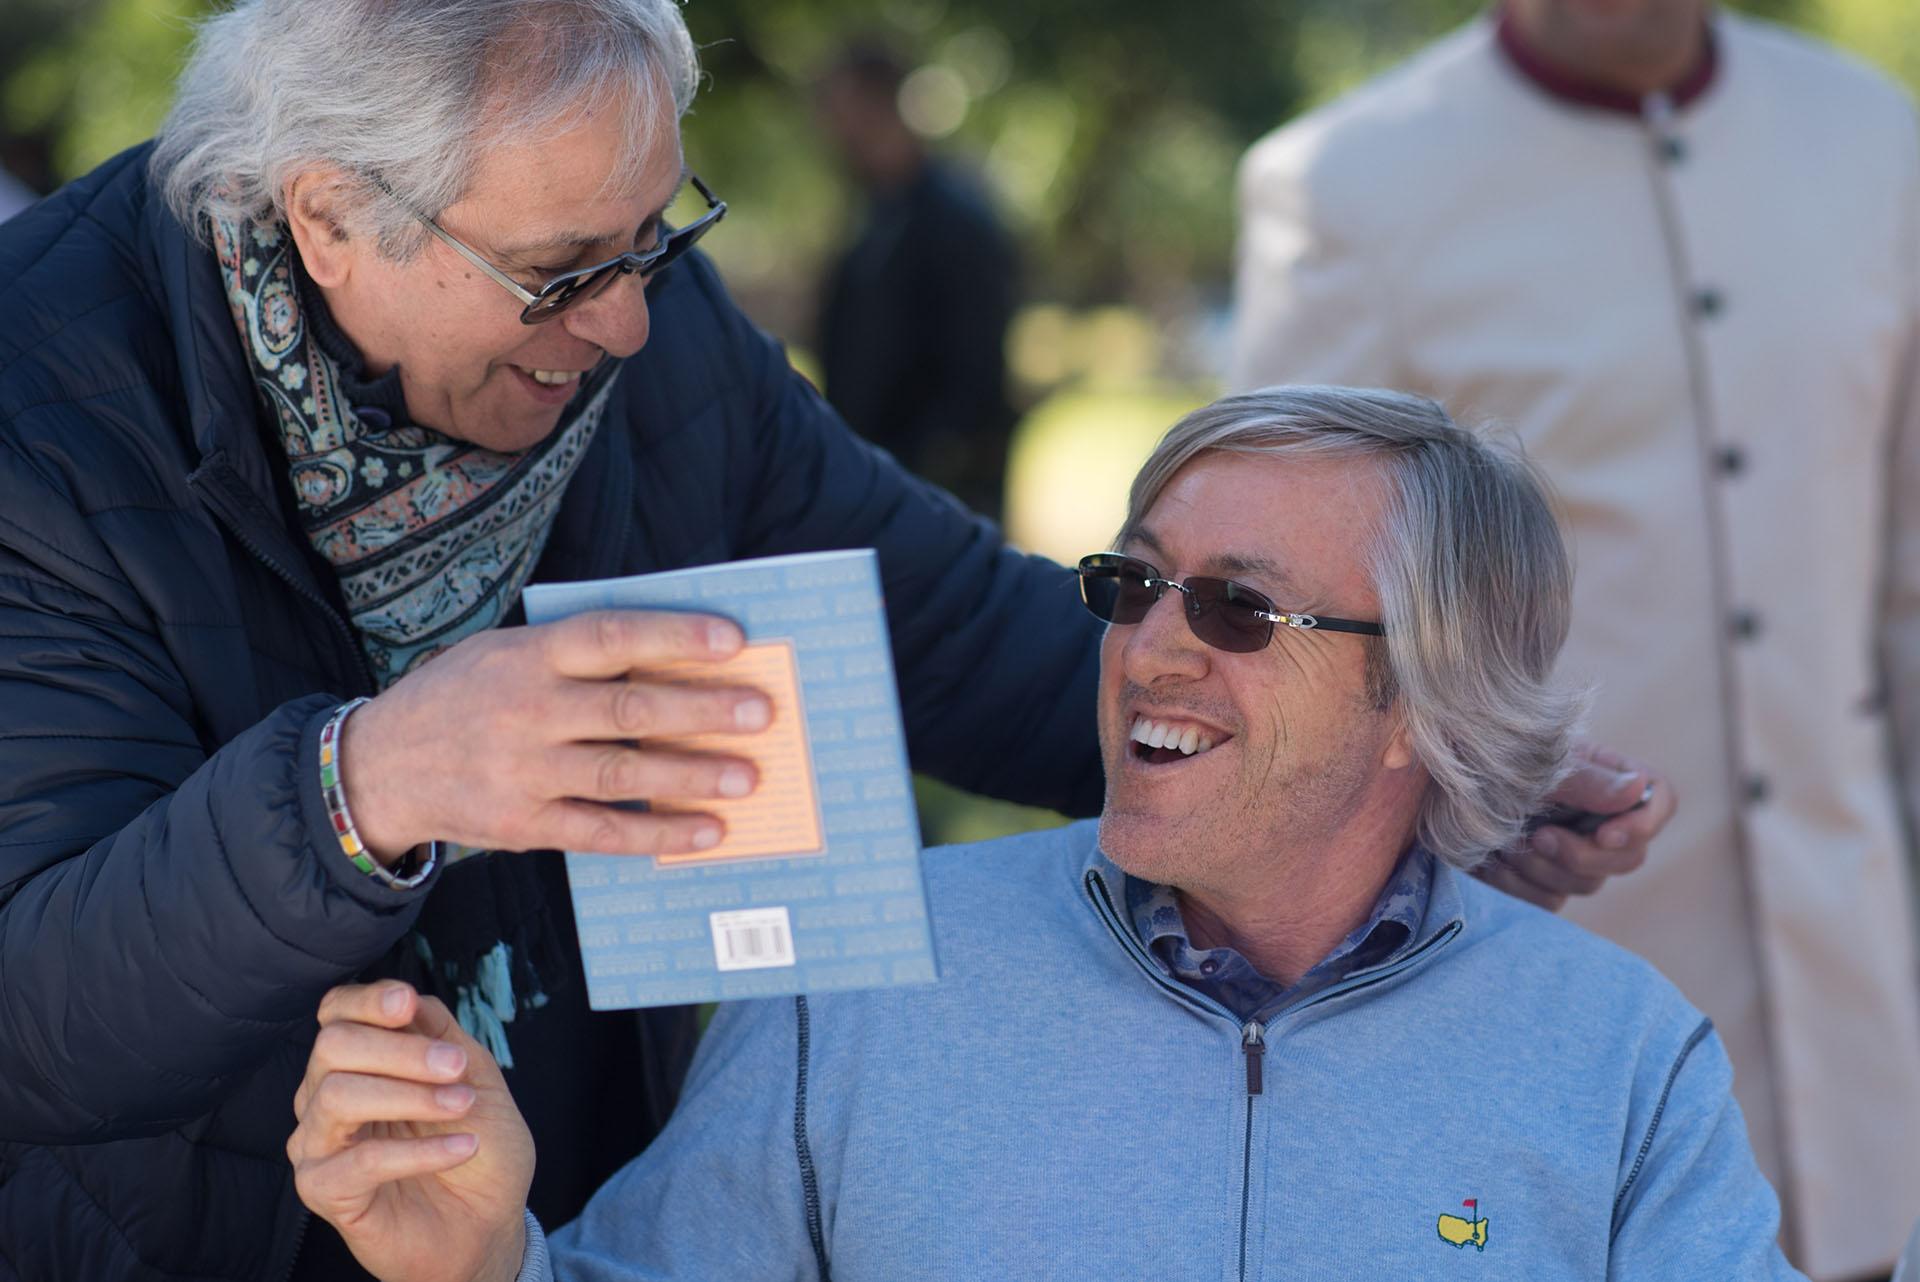 Norberto Barleand, miembro de la comisión directiva de la Fundación Argentina para la poesía le obsequió un libro al escritor